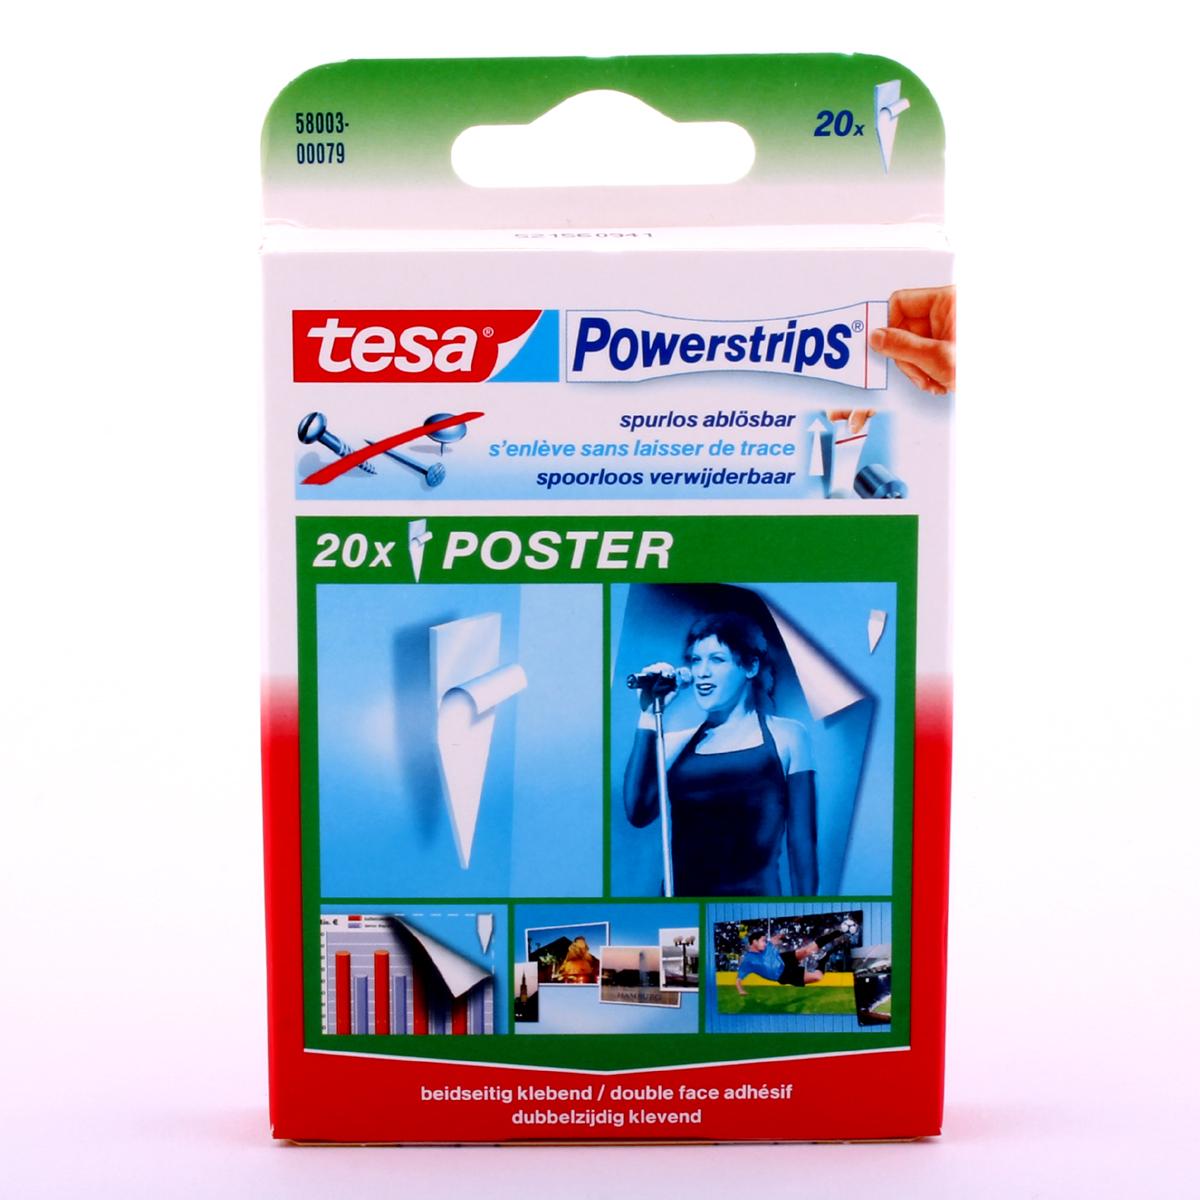 tesa powerstrips posterstrips klebestrips klebestreifen haftstreifen ebay. Black Bedroom Furniture Sets. Home Design Ideas